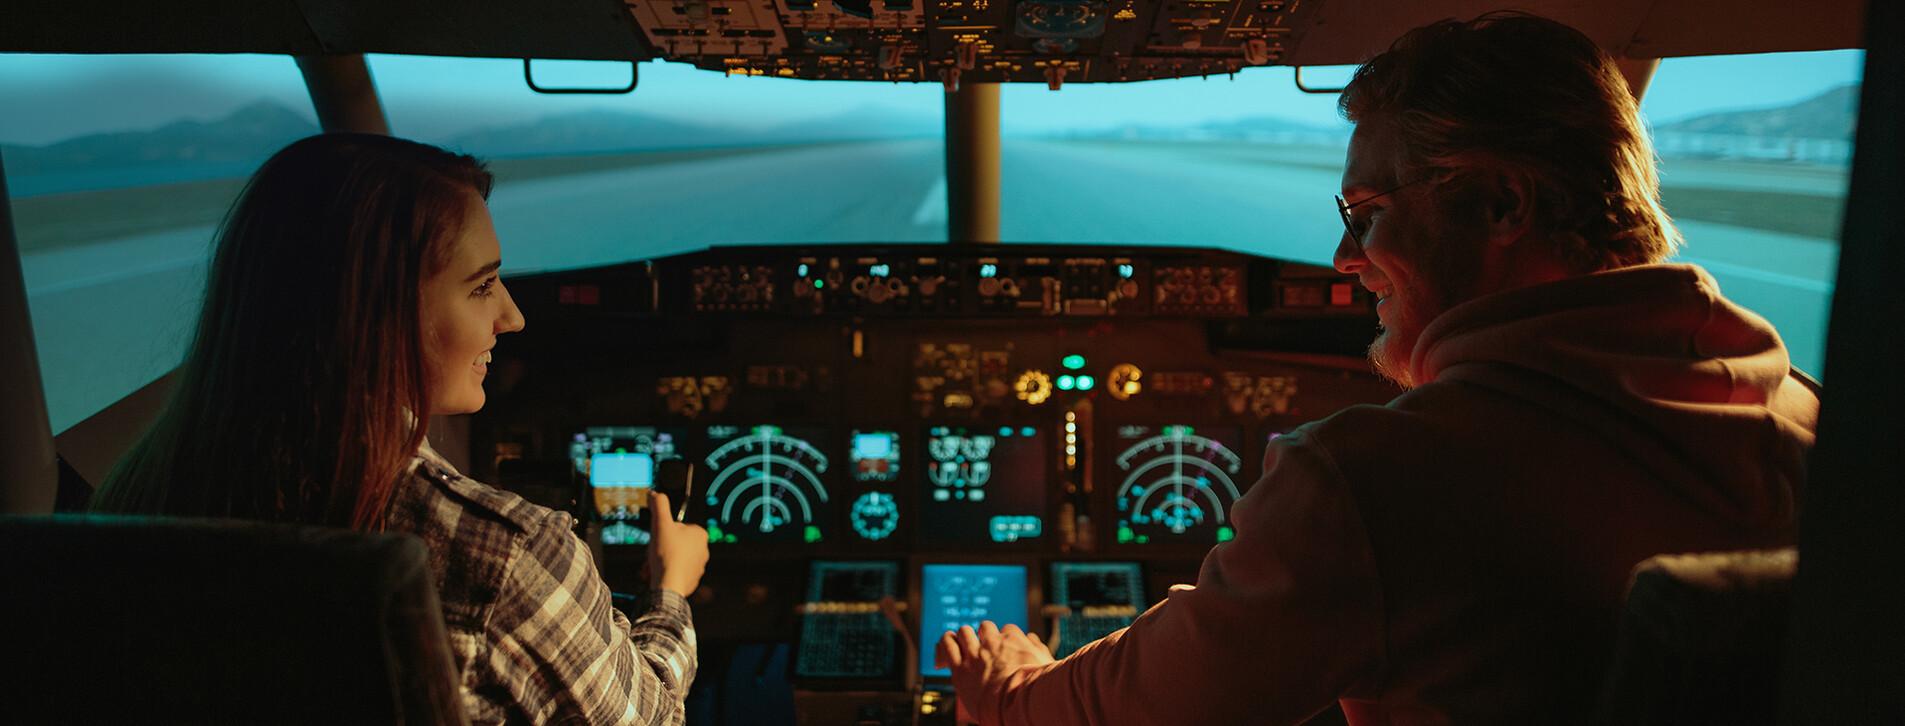 Фото - Авиасимулятор Boeing-737 для двоих